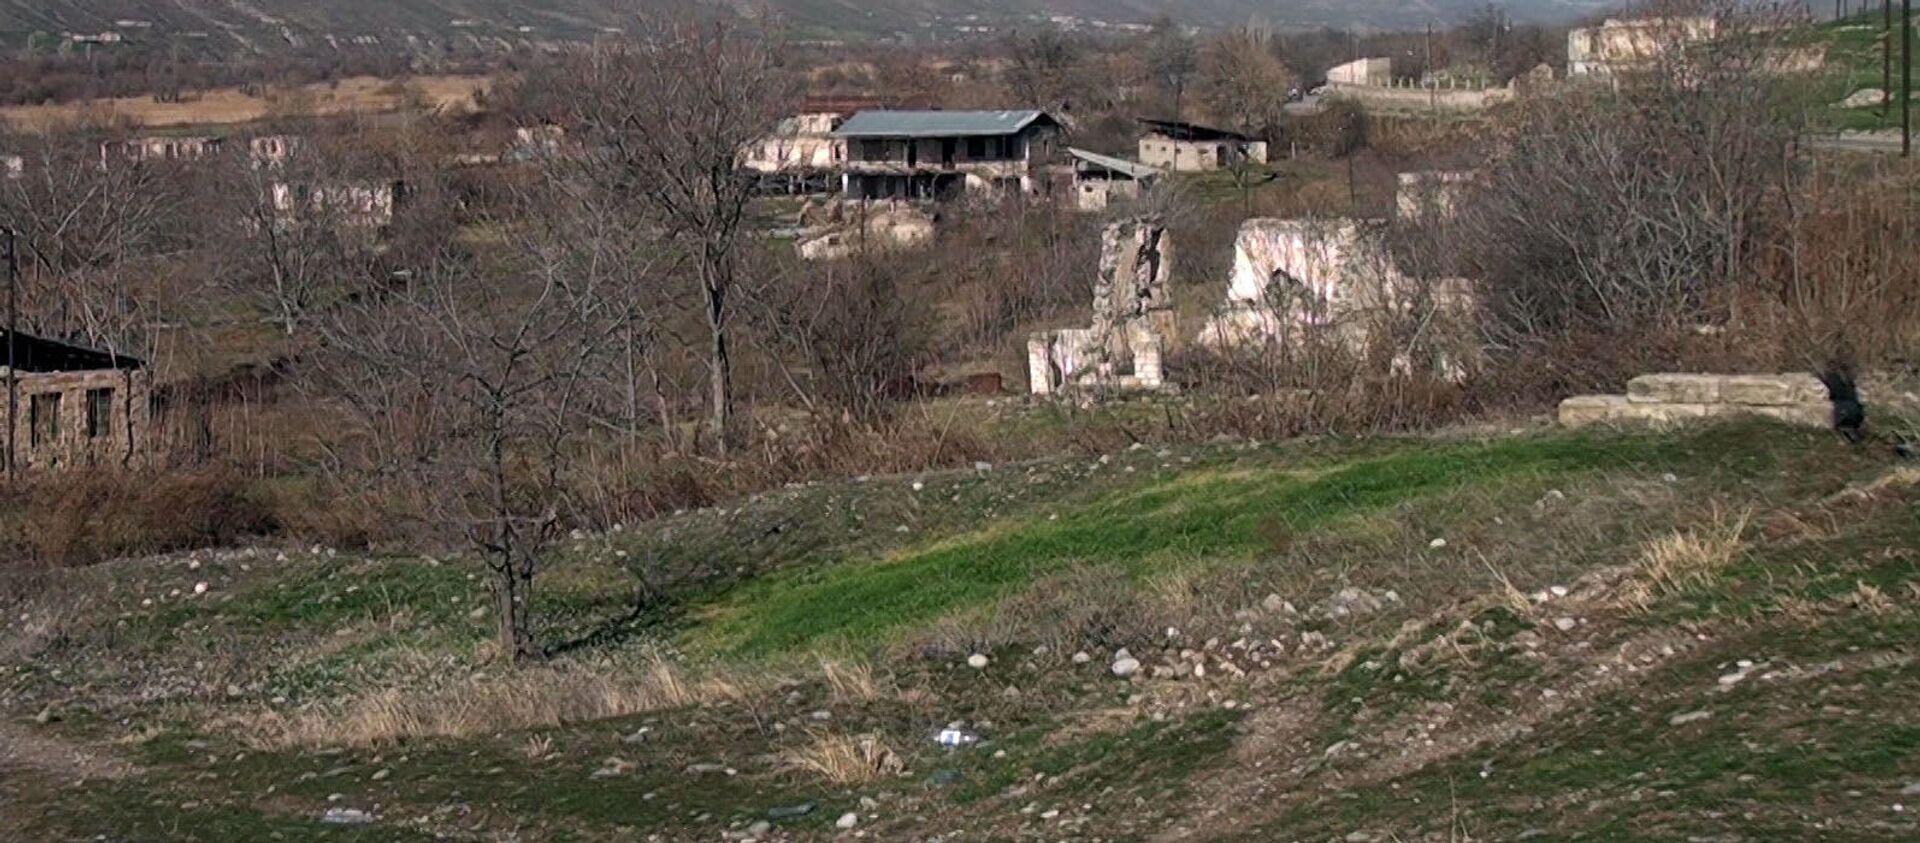 Çaytumas kəndi - Sputnik Азербайджан, 1920, 22.02.2021